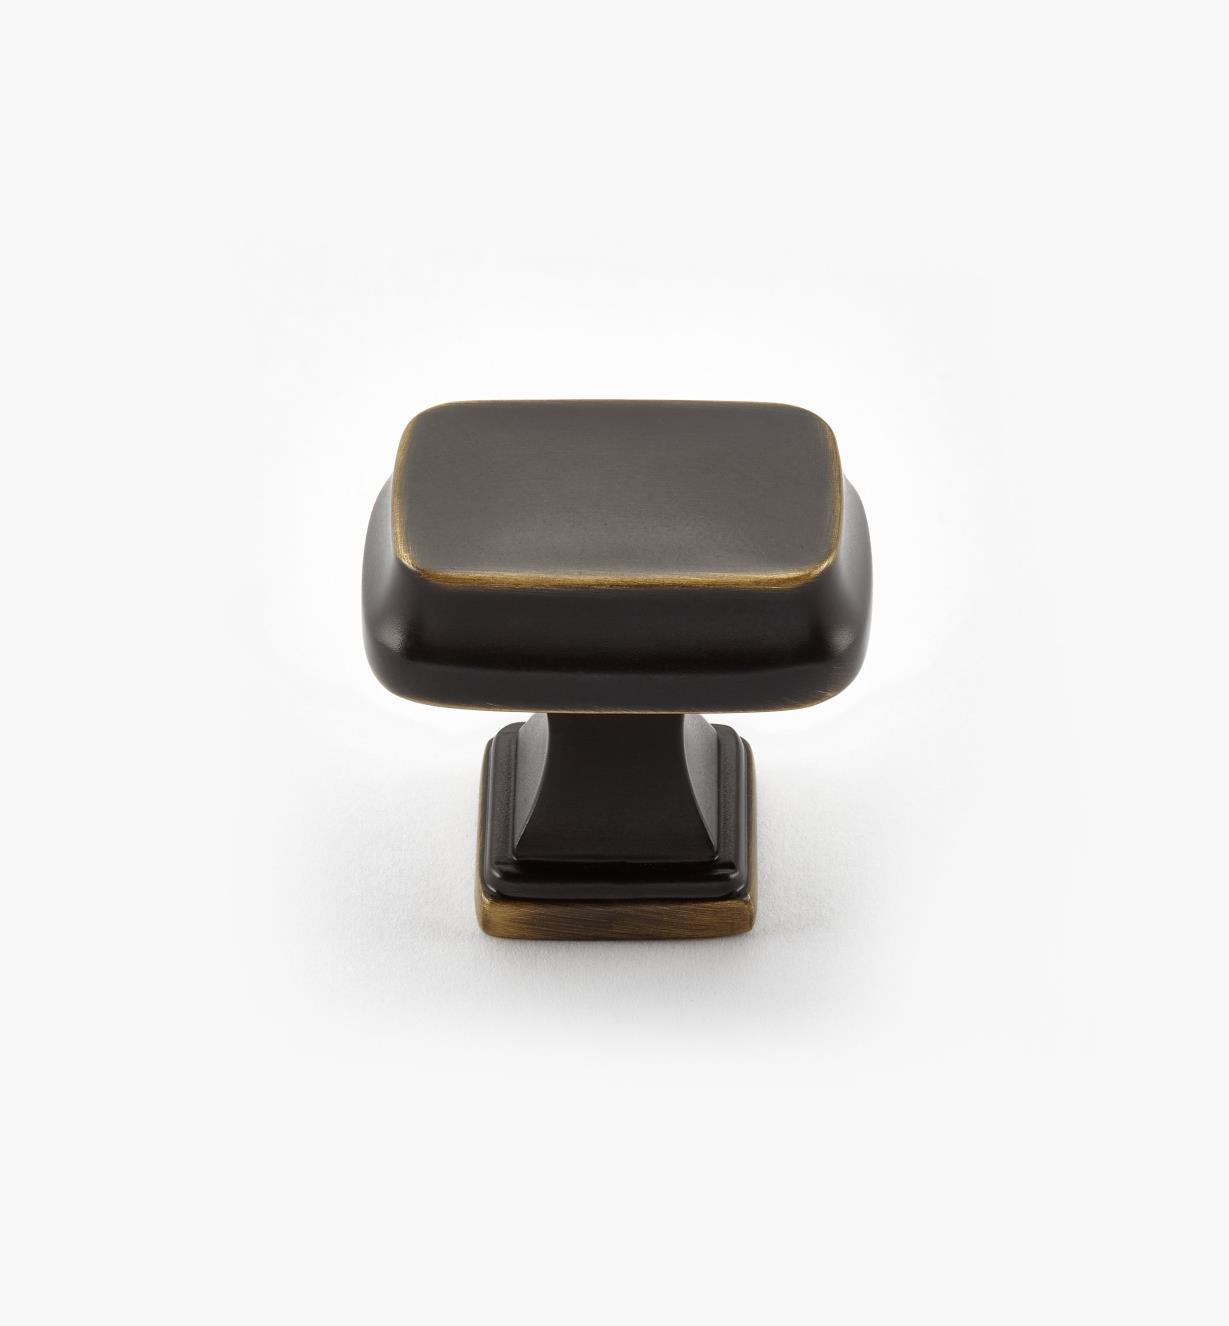 02A2250 - Bouton rectangulaire Revitalize, 11/4po, bronze vénitien, l'unité